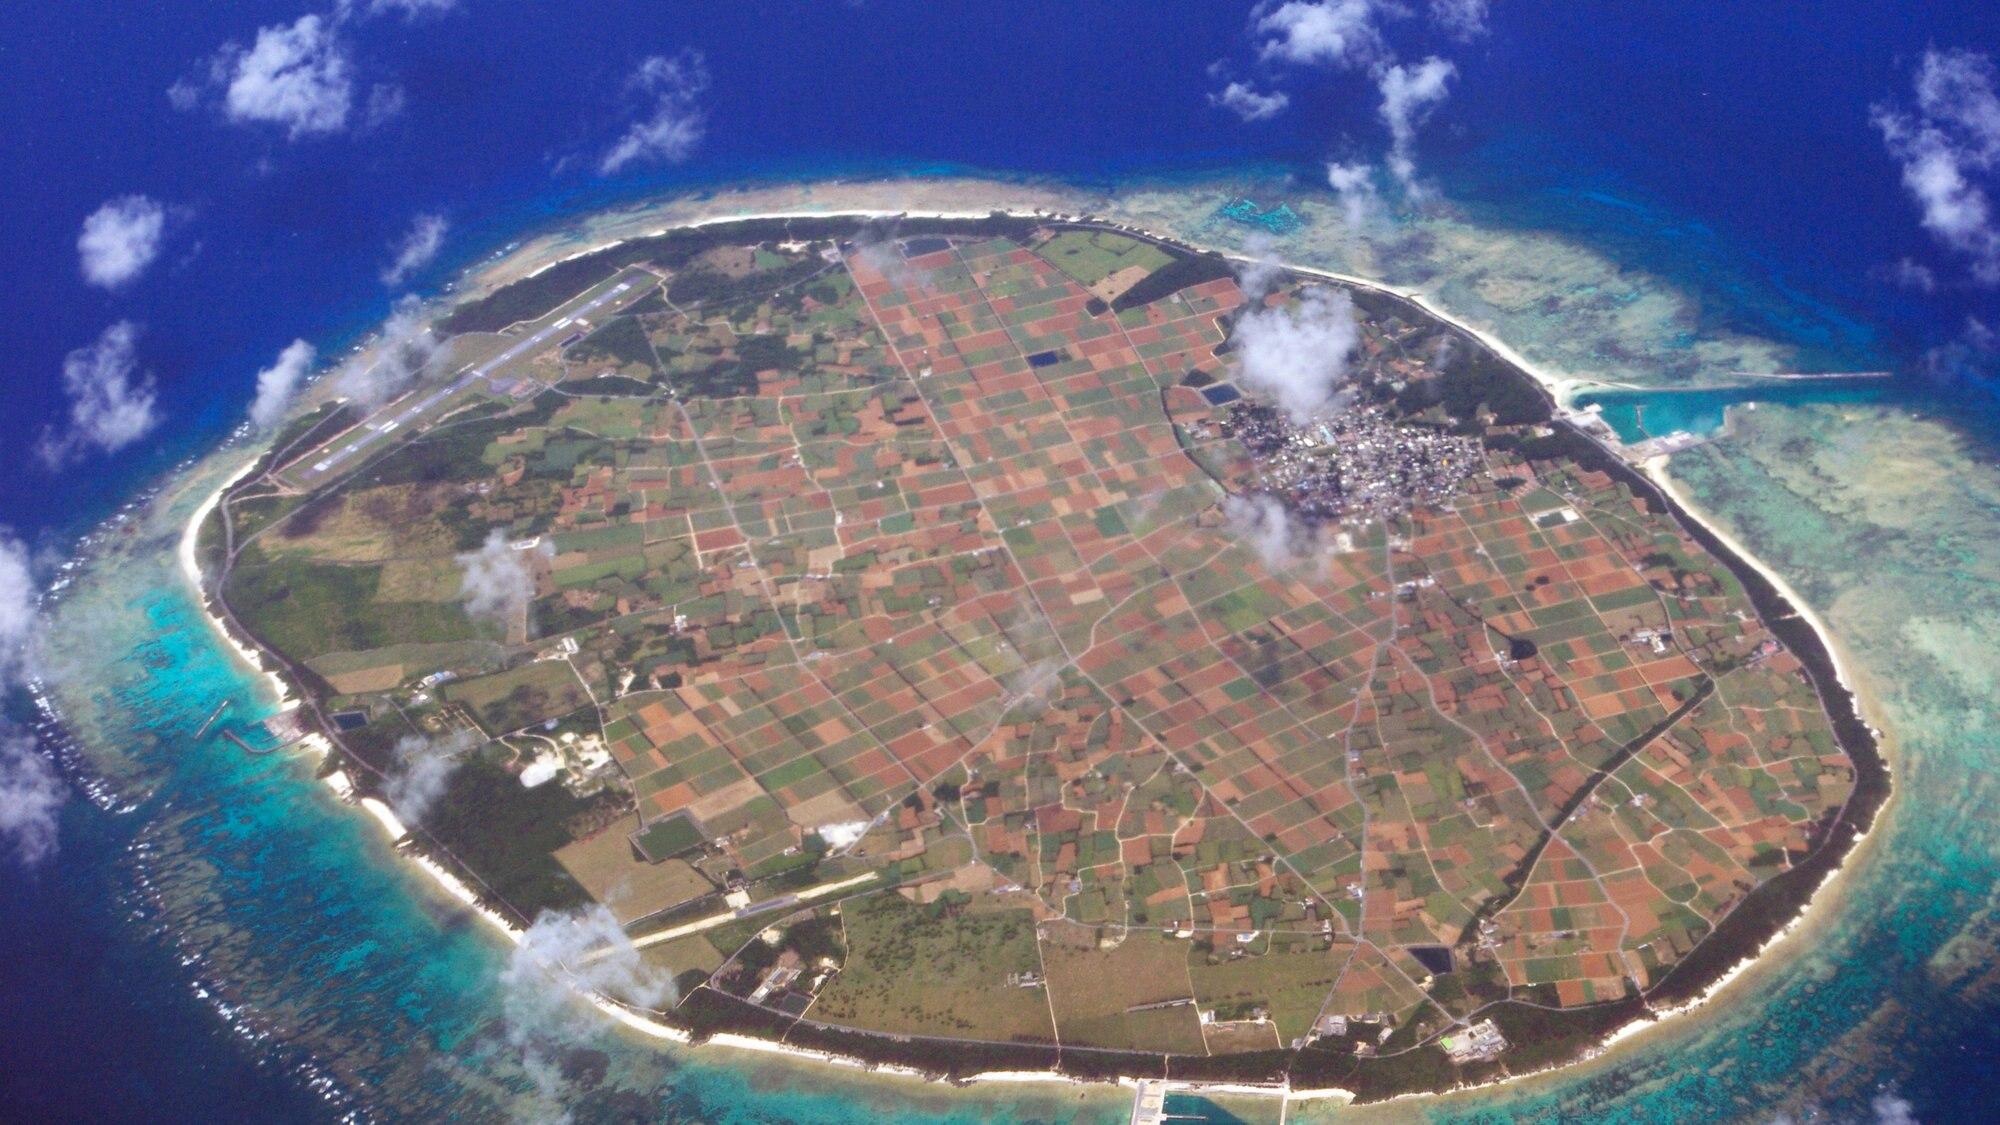 多良間島には癒しがいっぱい!沖縄県多良間村のオススメ観光 ...